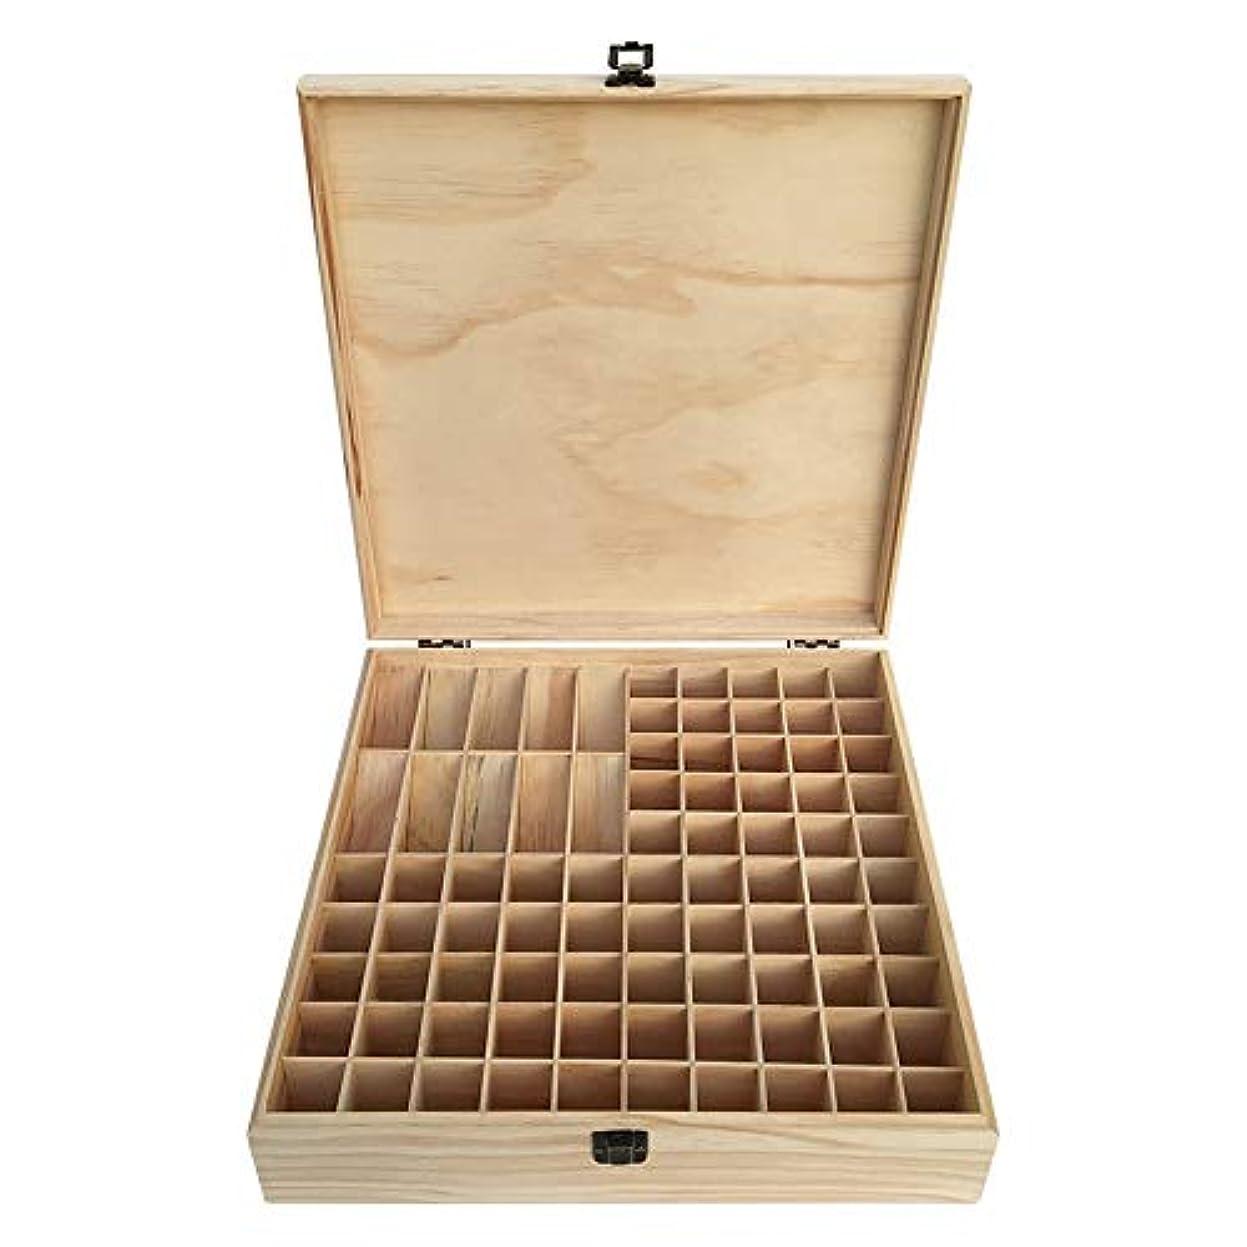 利点一たくさん精油ケース 大85スロット木製のエッセンシャルオイルストレージボックスナチュラルパインウッド 携帯便利 (色 : Natural, サイズ : 35X35X9CM)